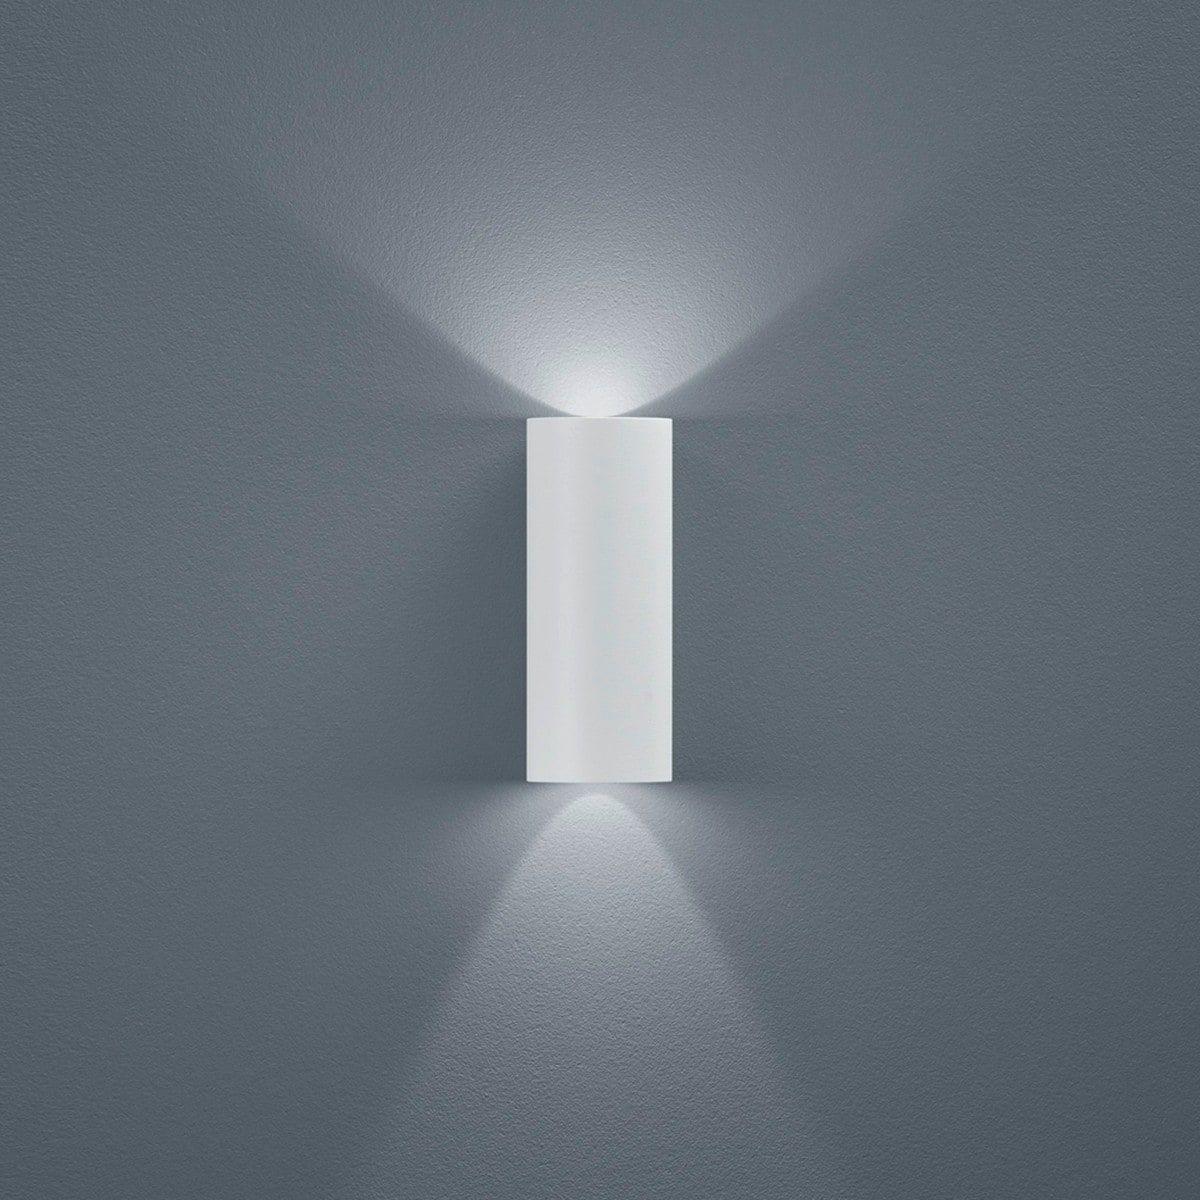 Edelstahl Aussenleuchte Mit Bewegungsmelder Led Philips Led Aussenleuchte Wandleuchte Edelstahl Up Aussenwandleuchte Wandbeleuchtung Lampe Mit Bewegungsmelder